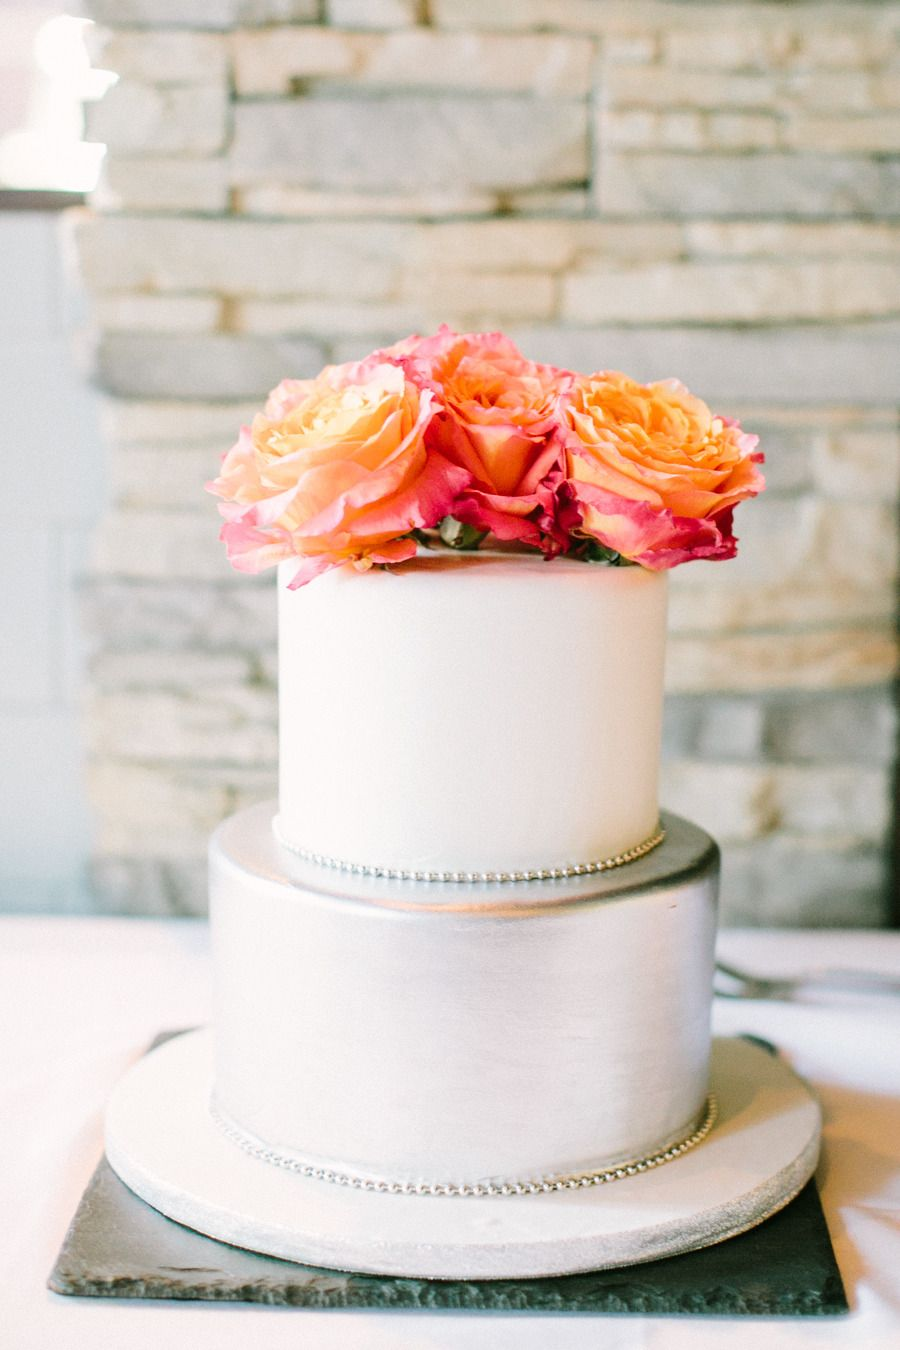 Sophisticated Chicago Tavern Wedding Wedding cakes, Cake, Wedding cake inspiration